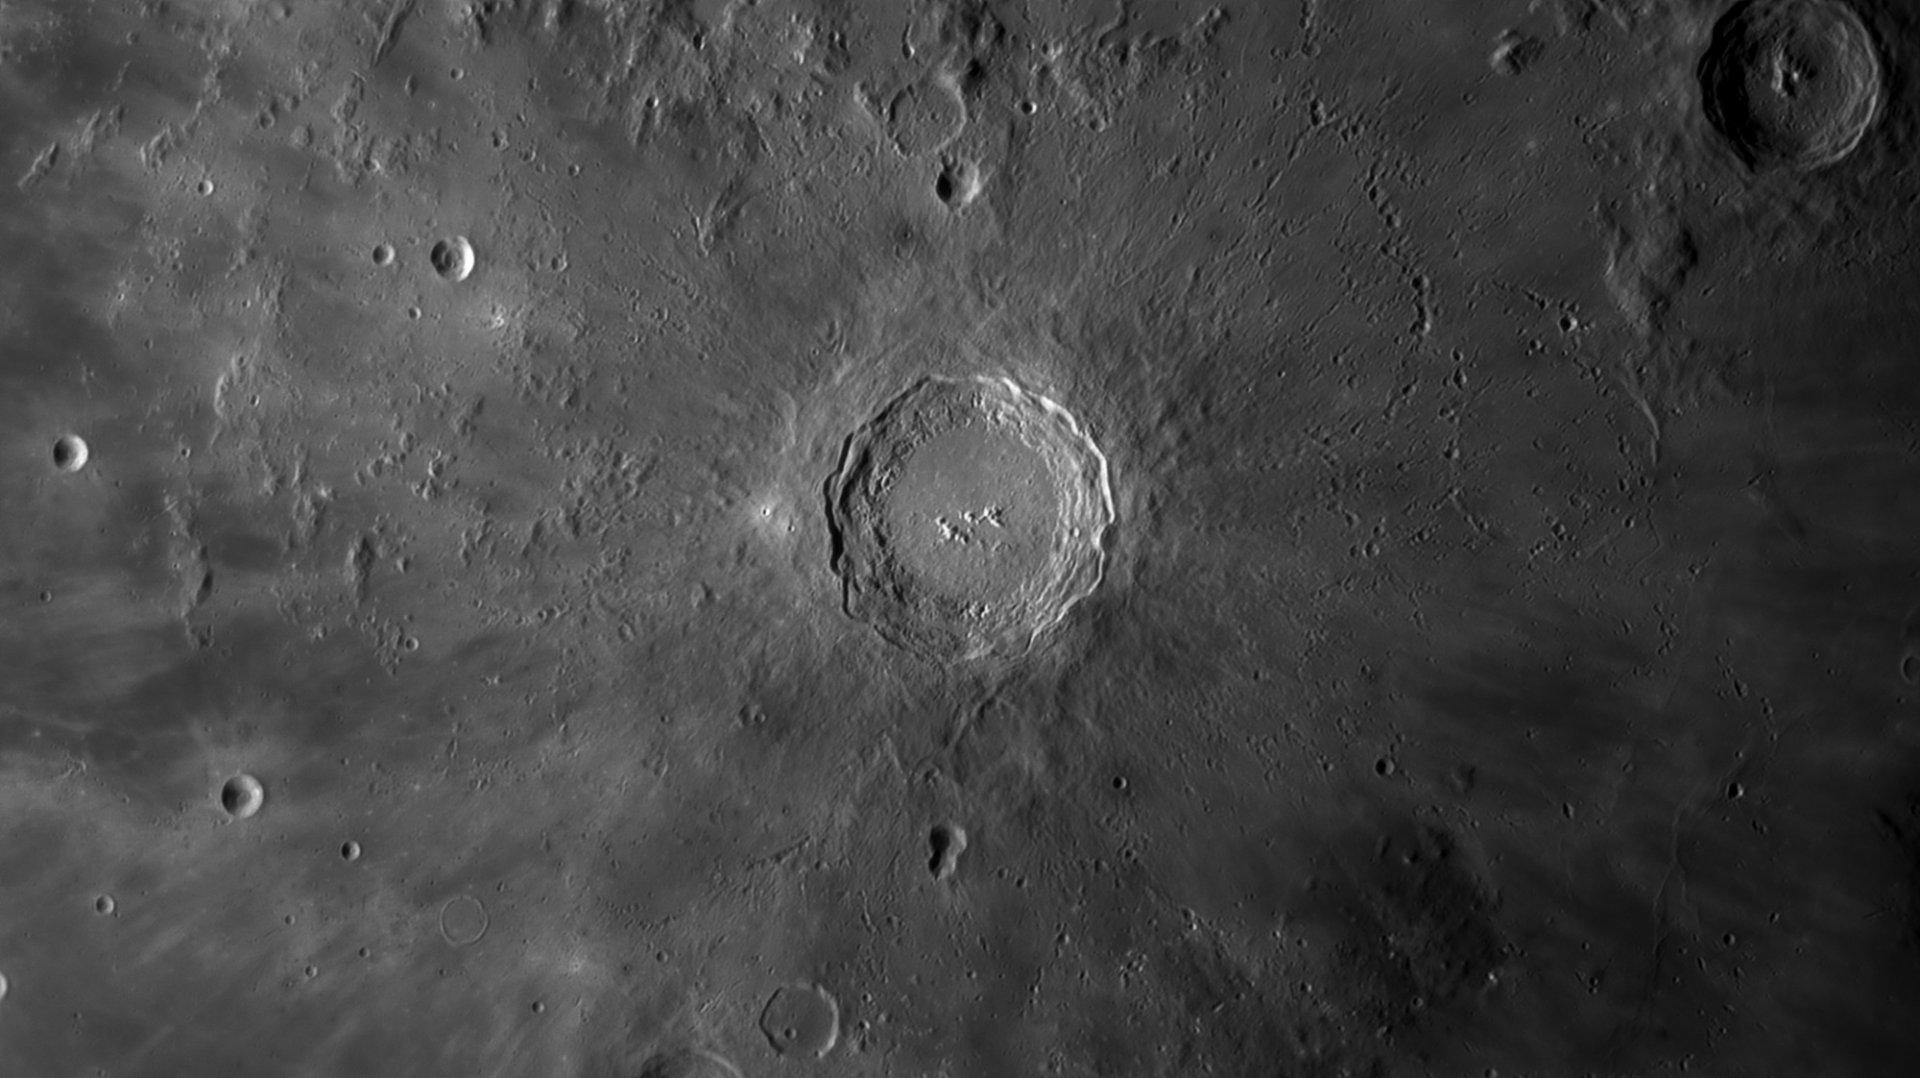 03.00h Copernicus, Reinhold B, Hortensius, Milchius, Fauth, Tobias Mayer C, Gay-Lussac, Eratos...jpg